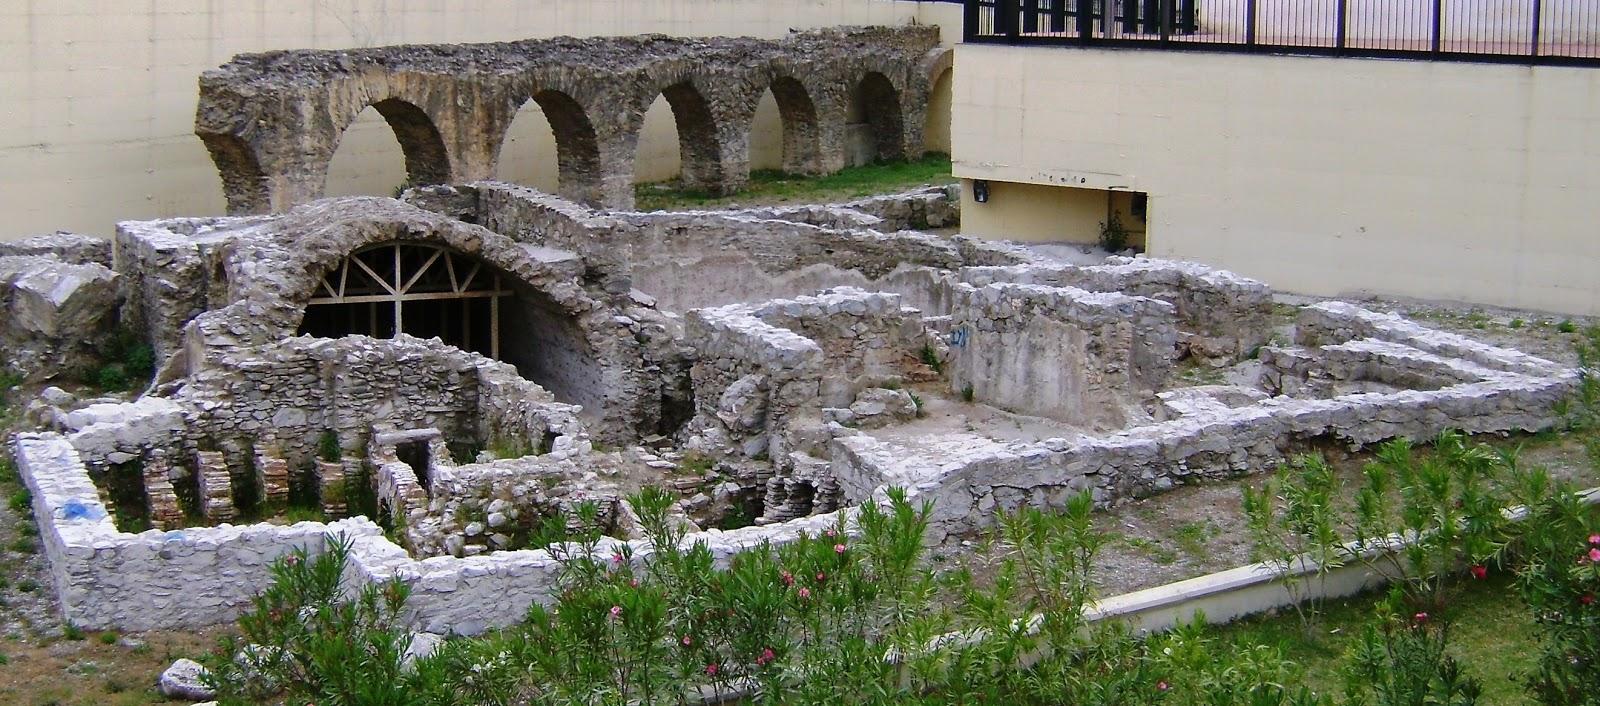 Baños Romanos Luisiana:Baños romanos de Almuñécar, unos de los muchos existentes en